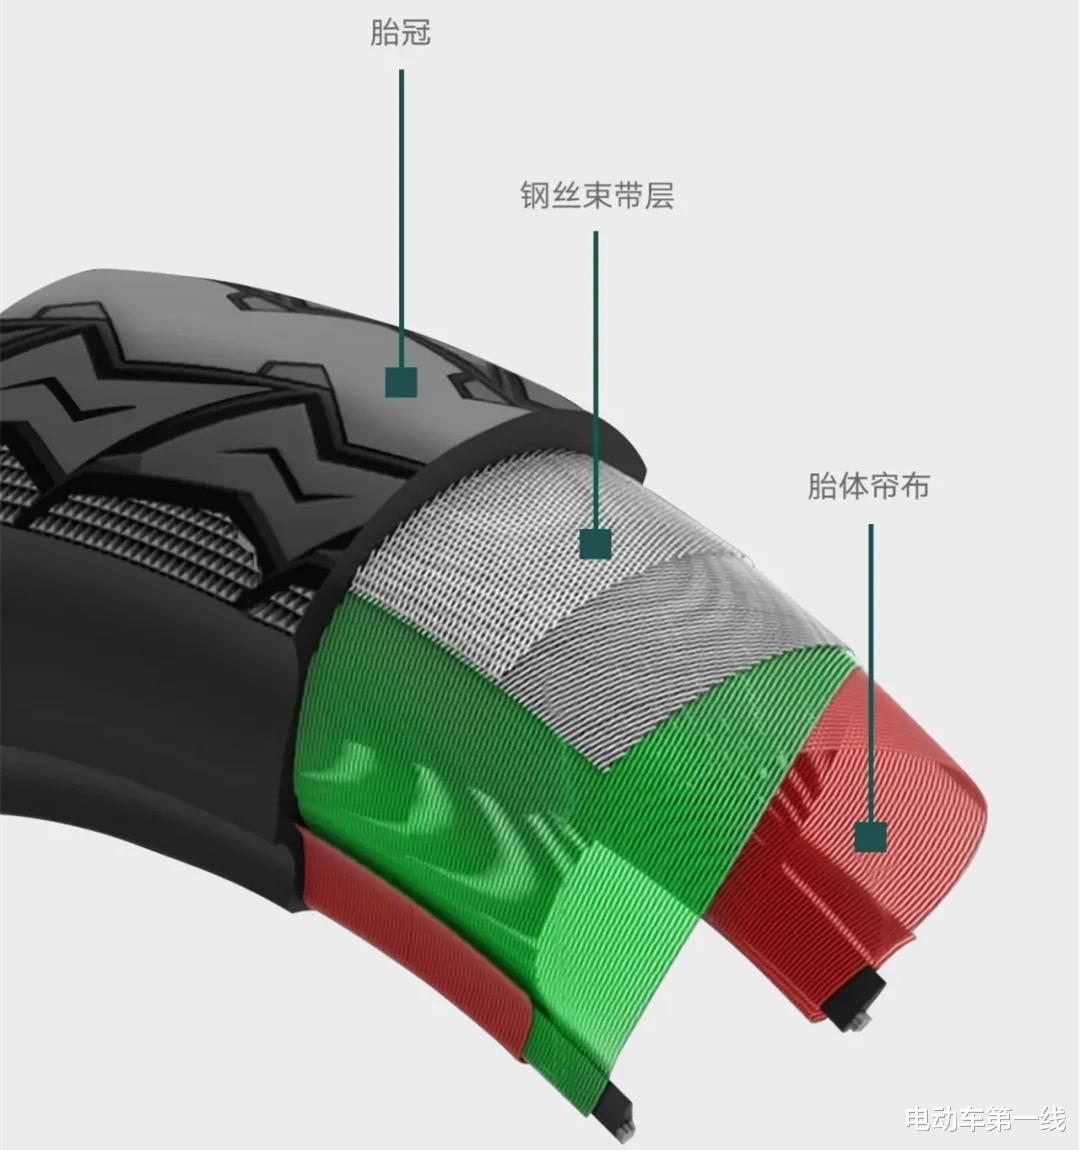 雅迪又推出一款電動車銳速,配備1200W電機,72V容量電池!-圖4